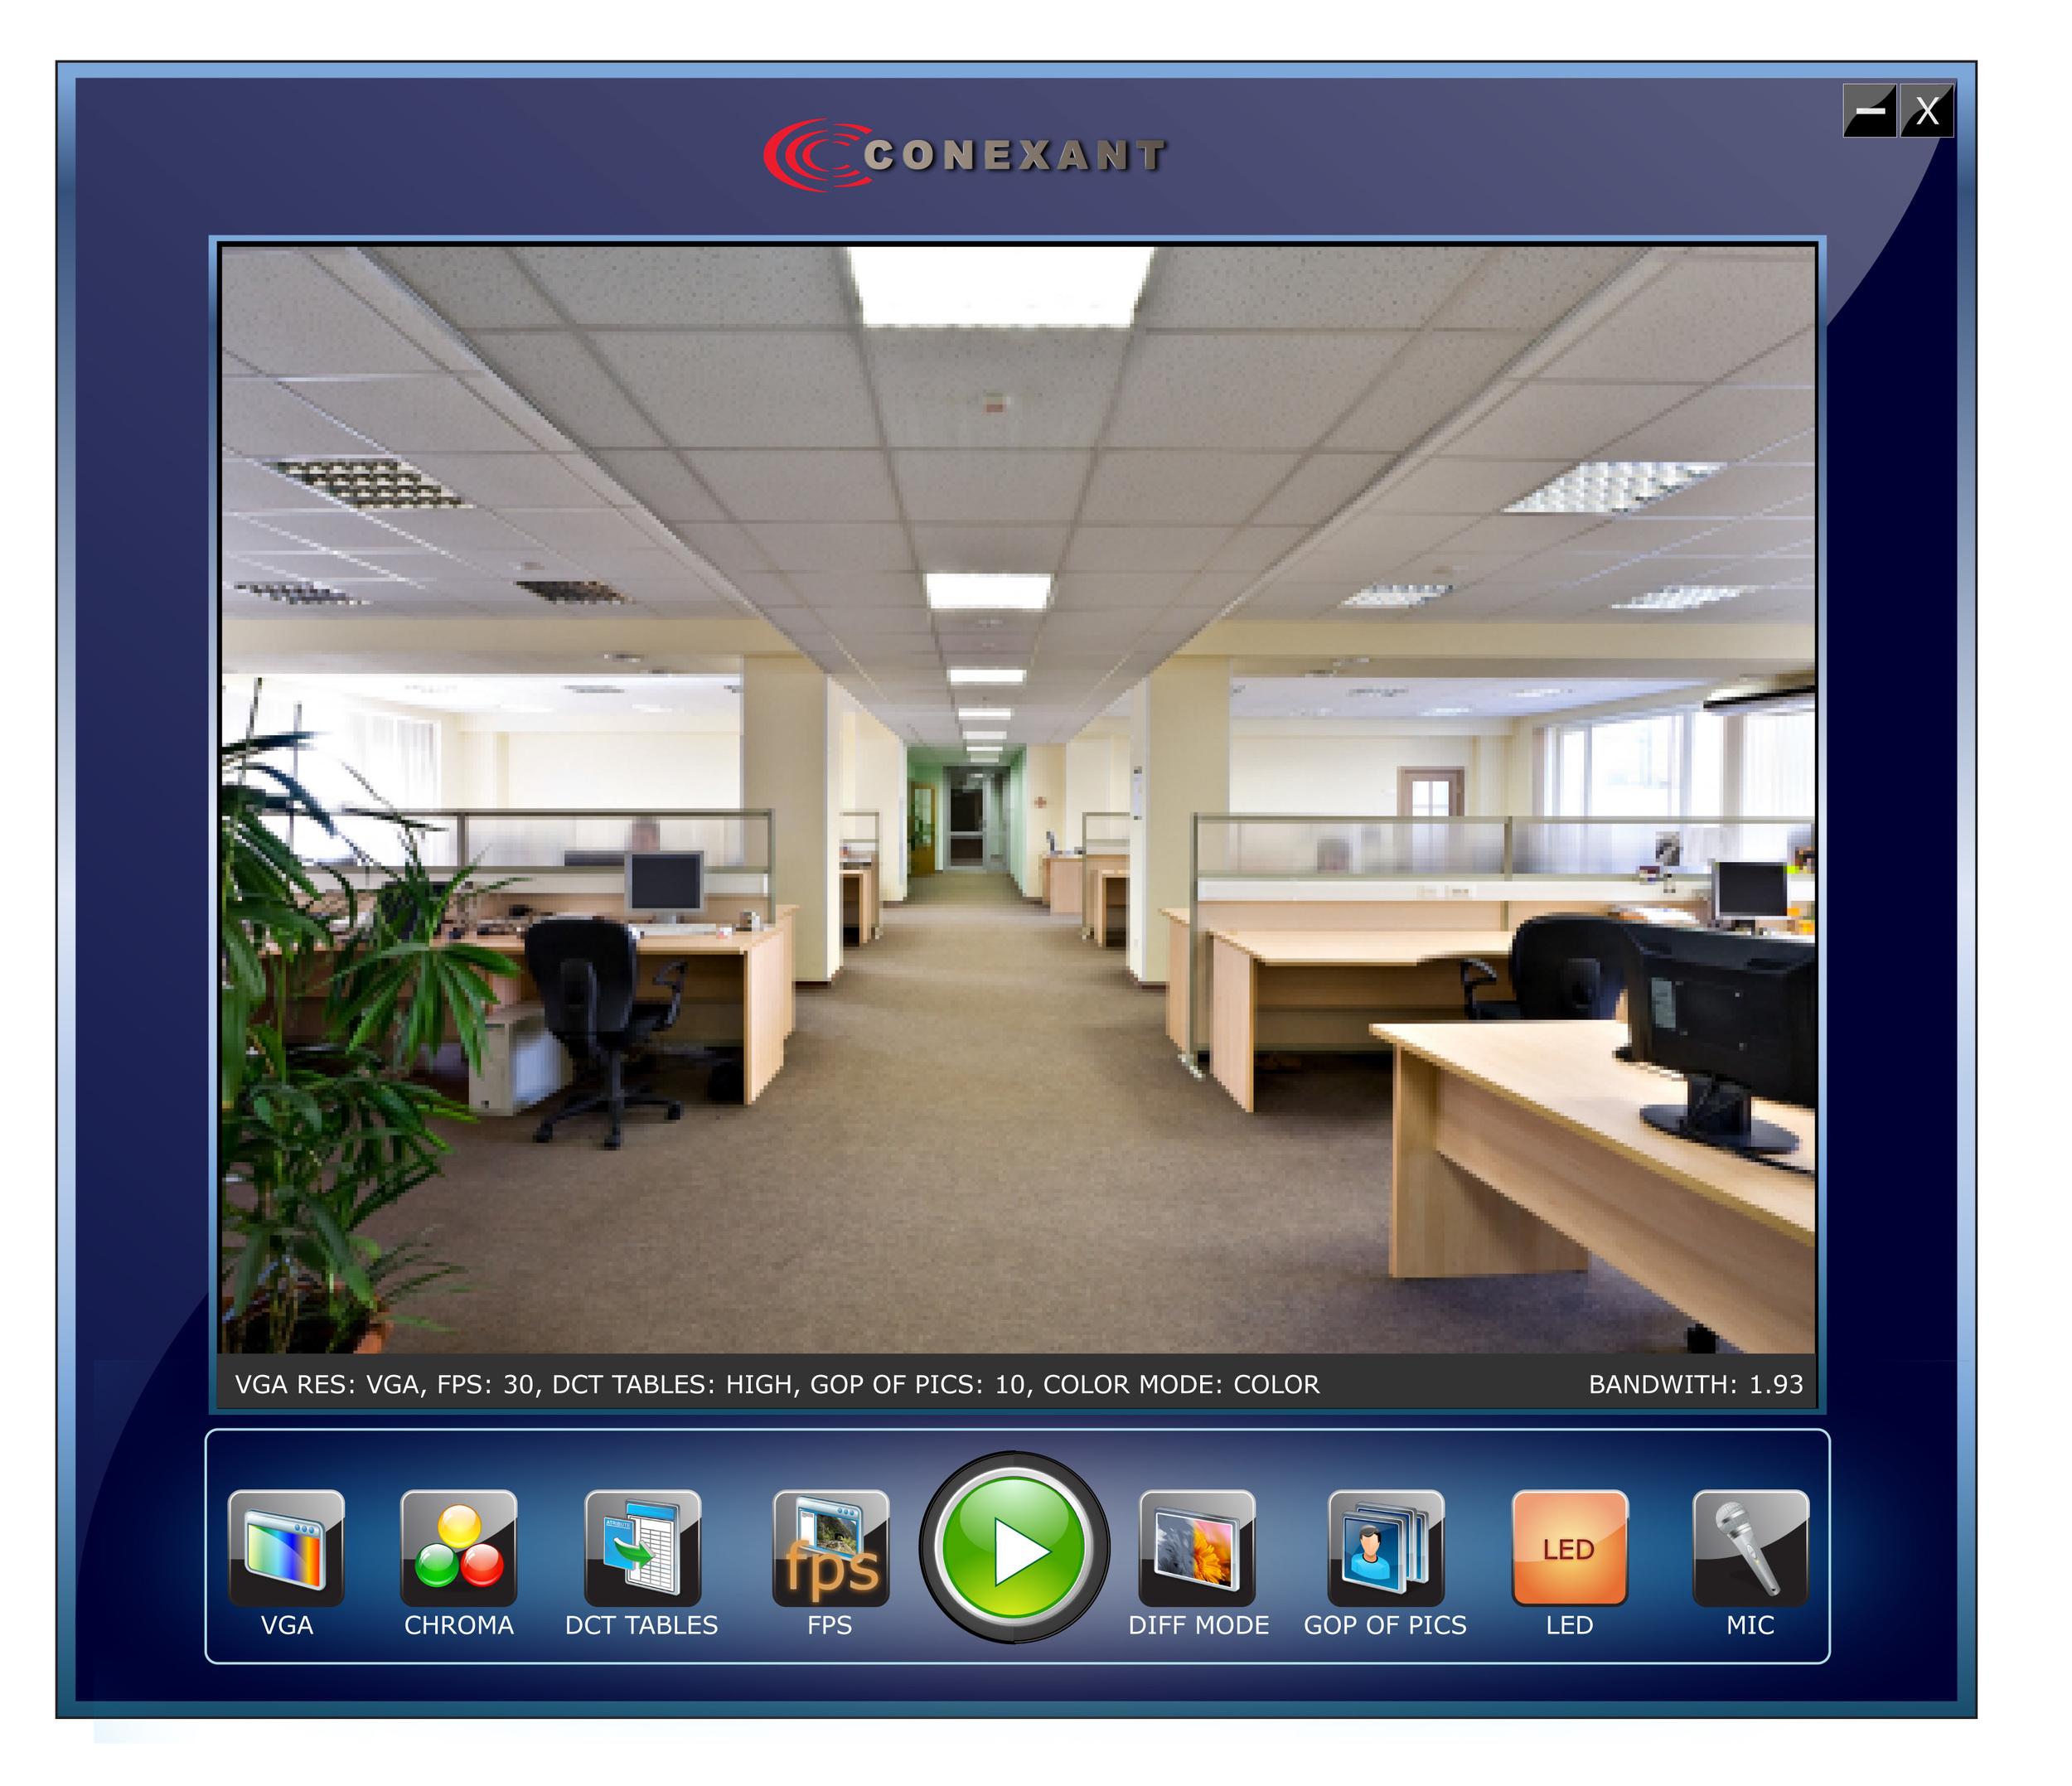 Reflector CCTV App for Conexant